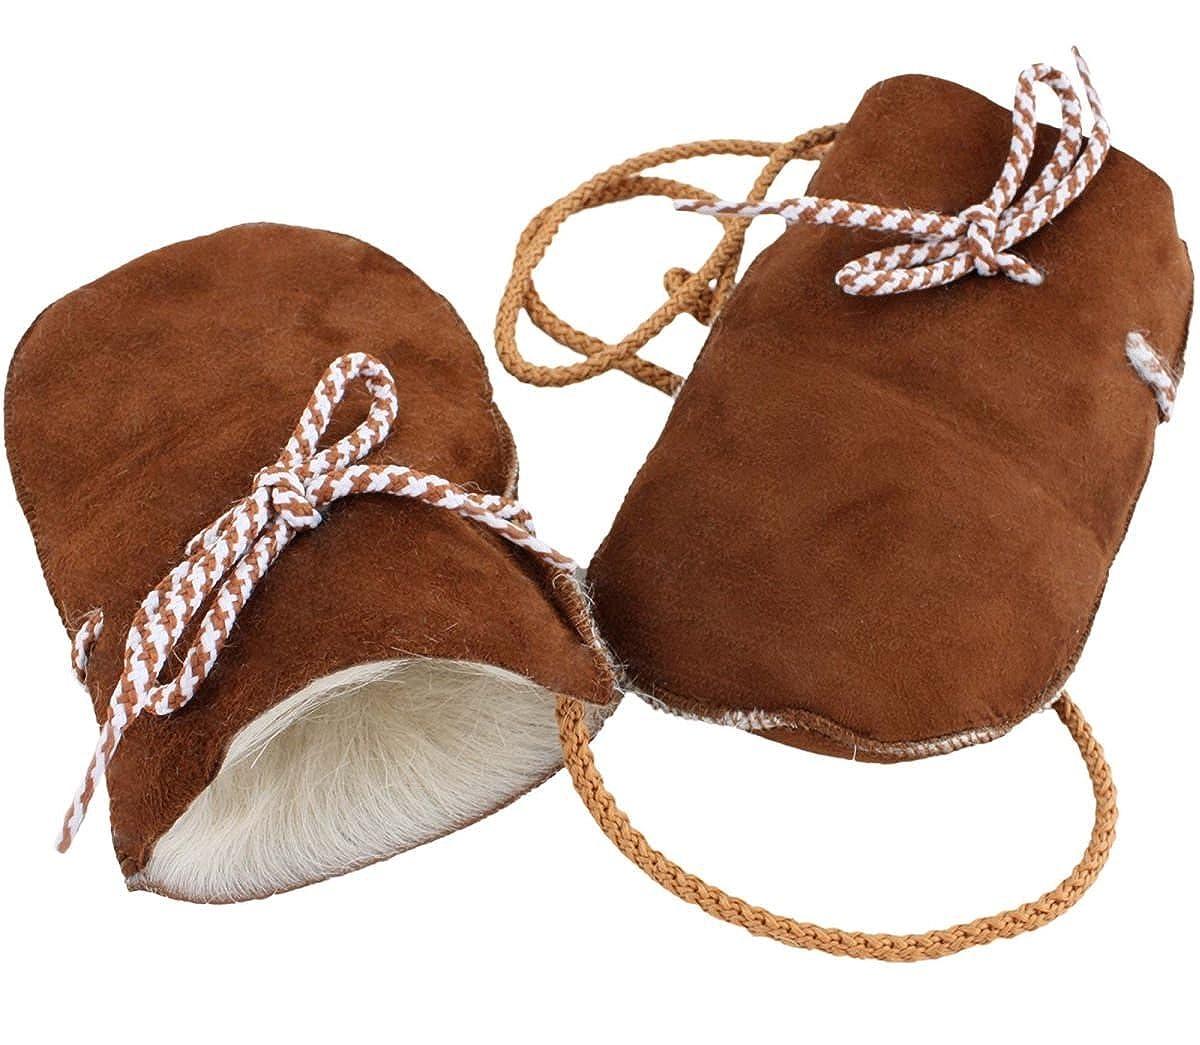 Sonia Originelli Baby Fausthandschuhe Lammfell Kordel F/äustlinge Handschuhe